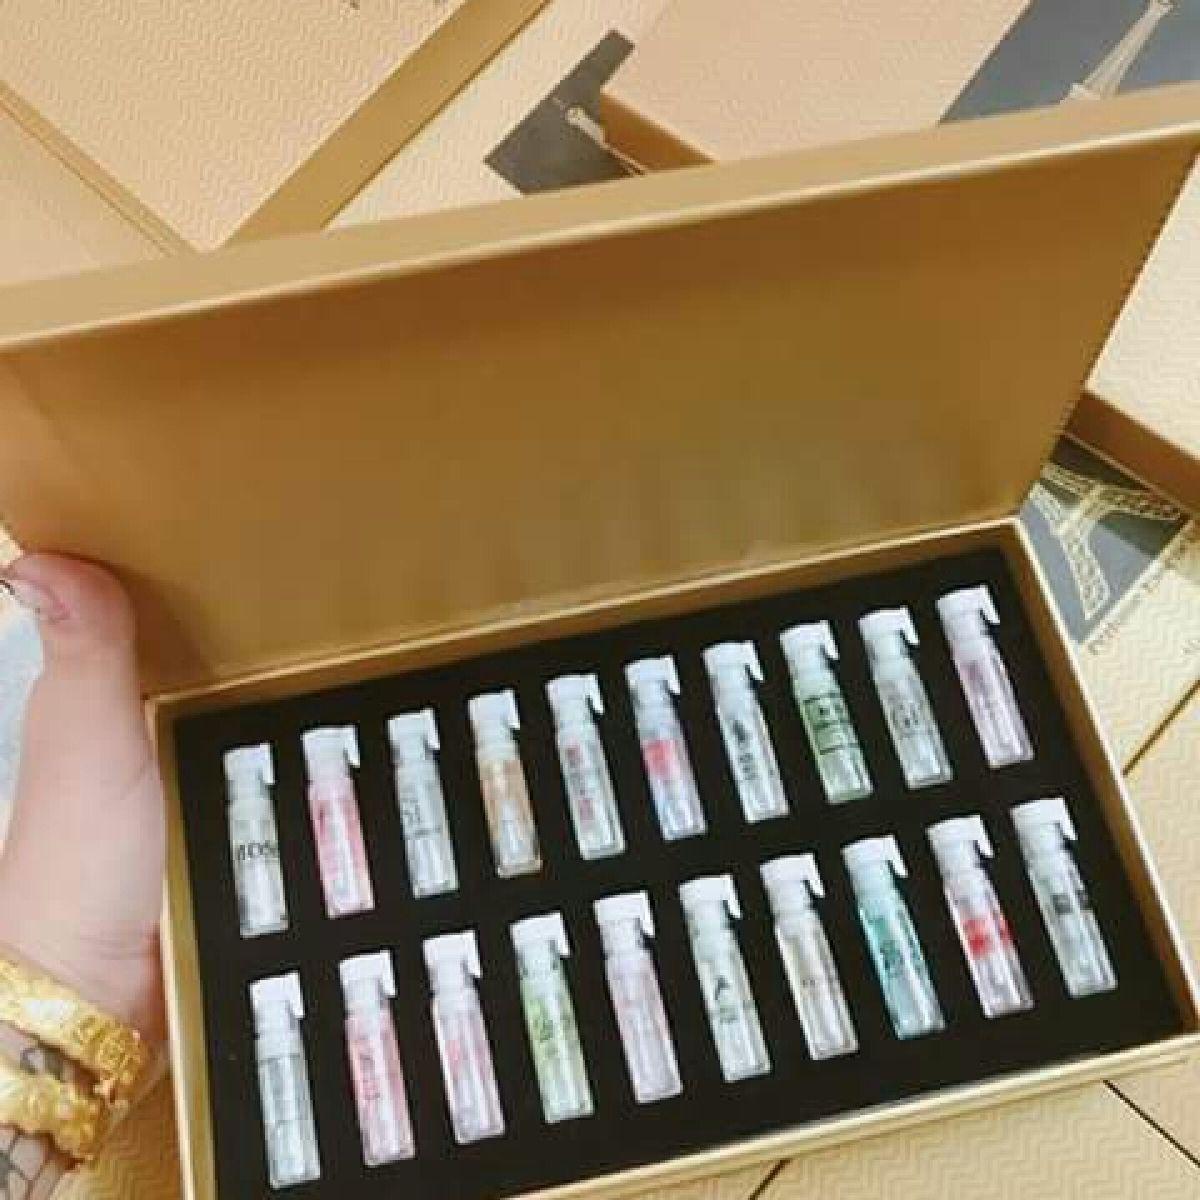 Set 20 ống nước hoa của các thương hiệu nổi tiếng Pháp 2ml